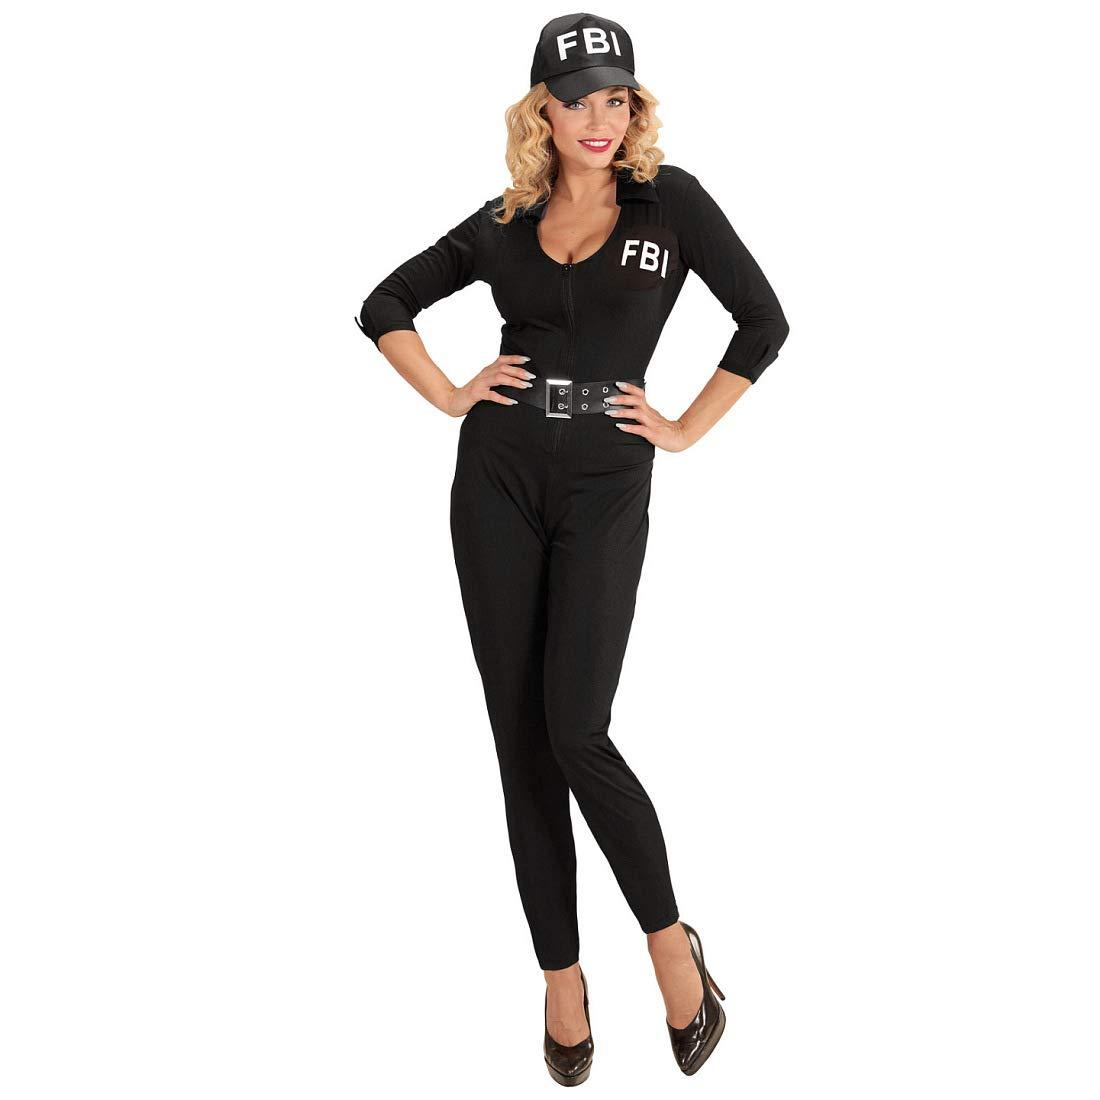 Disfraz ceñido FBI para Dama - Negro XS (ES 34) - Provocativo ...